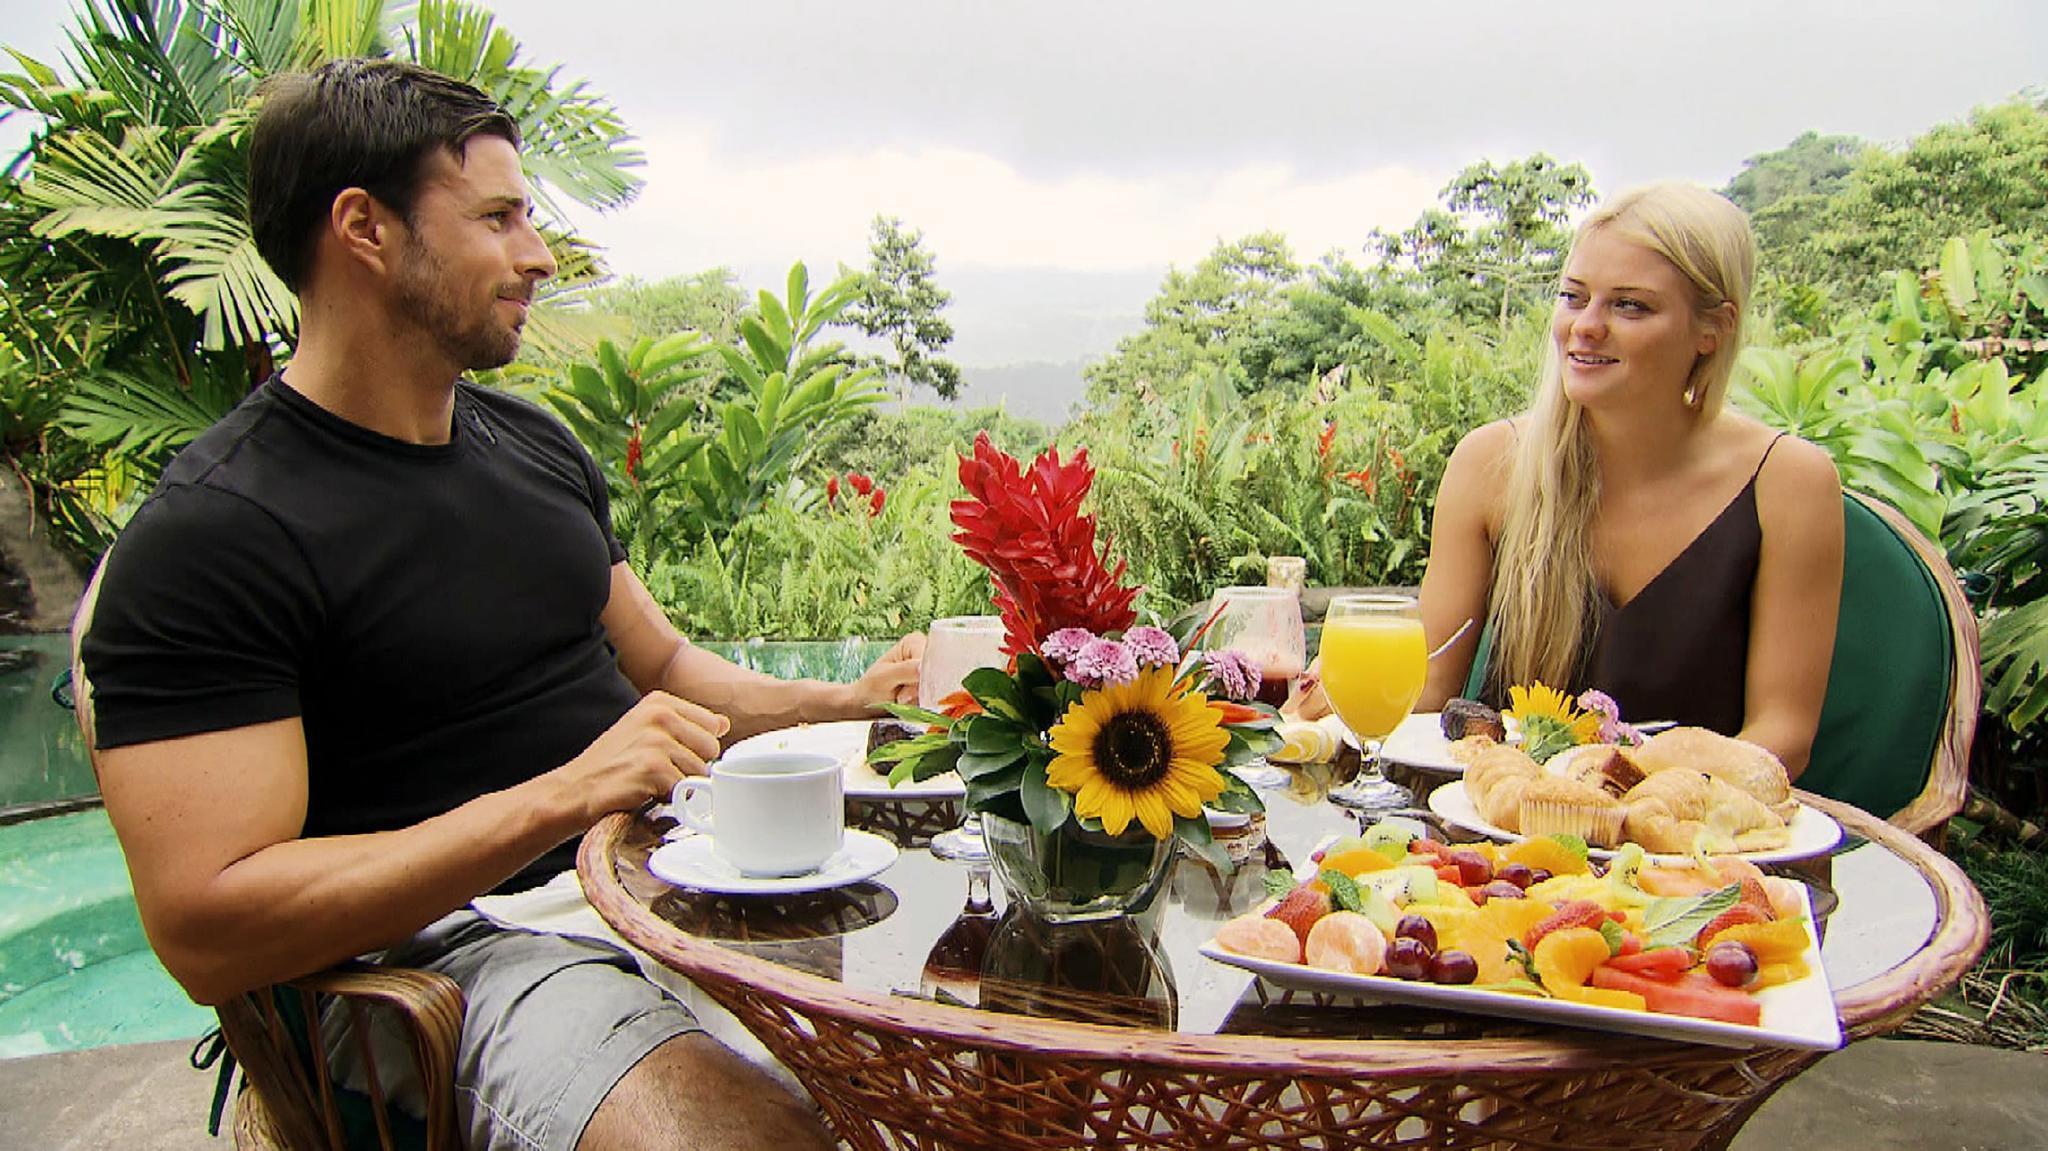 Schlichte Hängerchen wie hier ein Model in schwarzem Polyester sind Danielas bevorzugte Tageslooks. Grundsätzlich ist das bei der Hitze in Costa Rica ja erstmal ok.